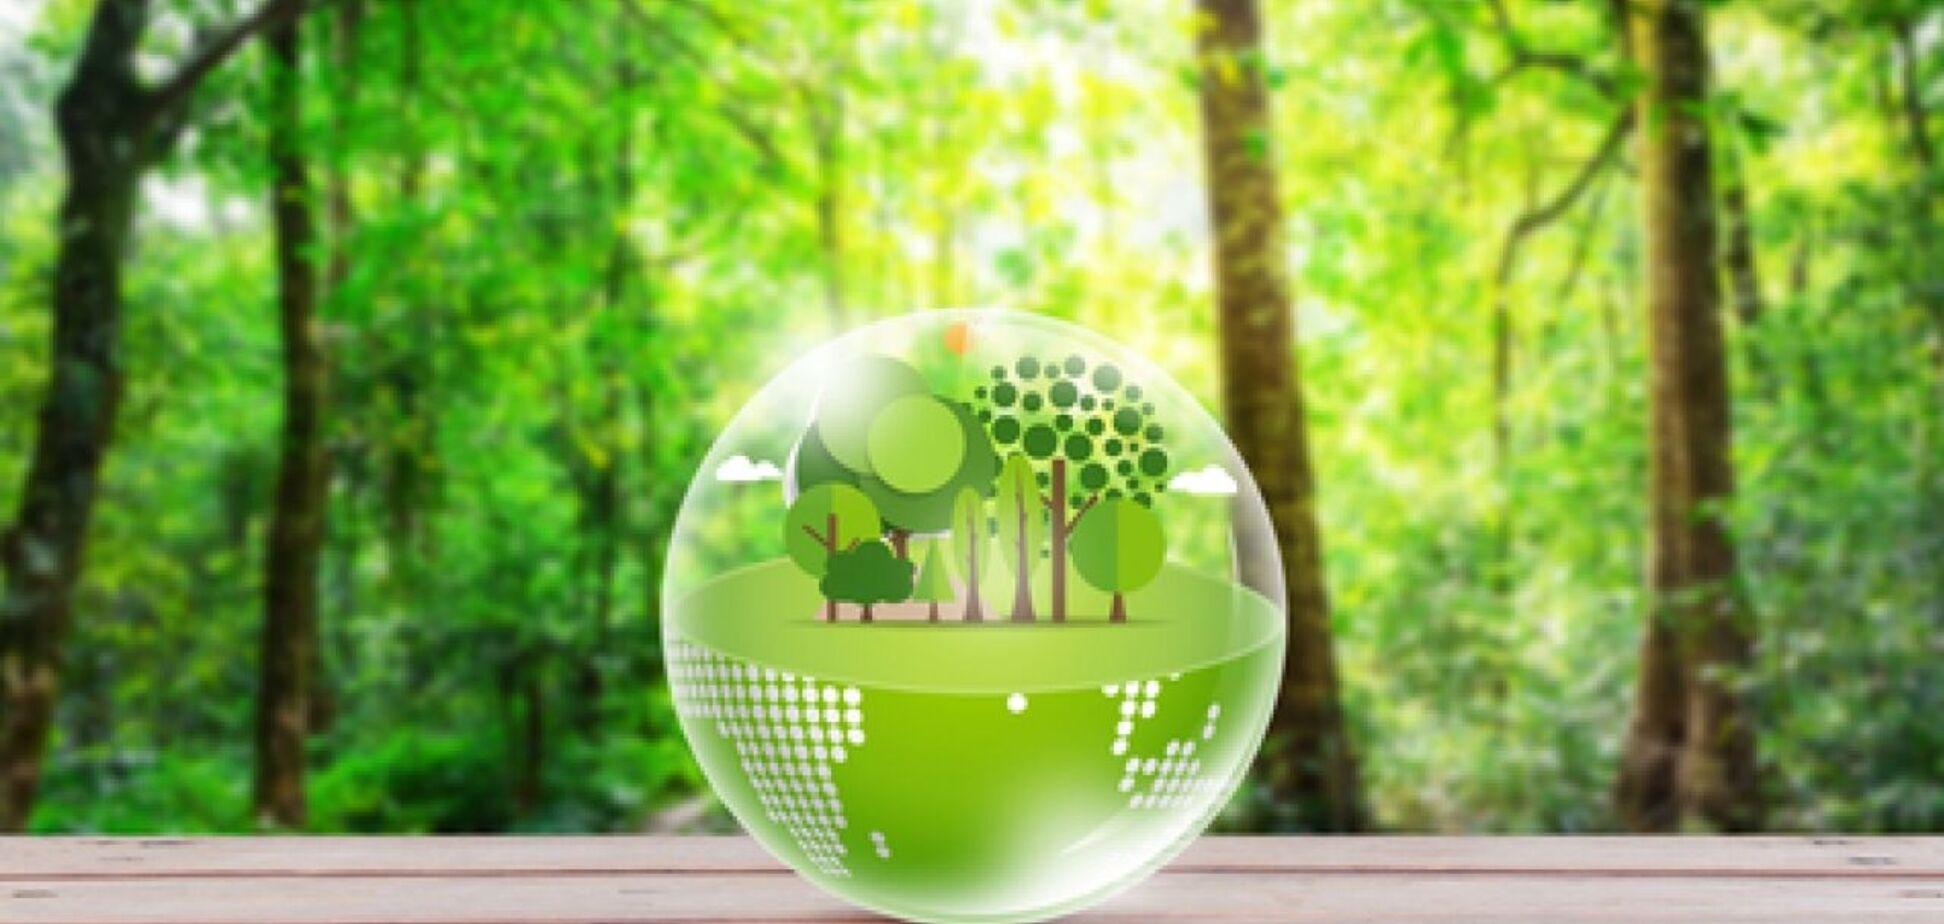 Меняем мир вместе: НБУ внедряет инициативы в сфере 'зеленых' финансов